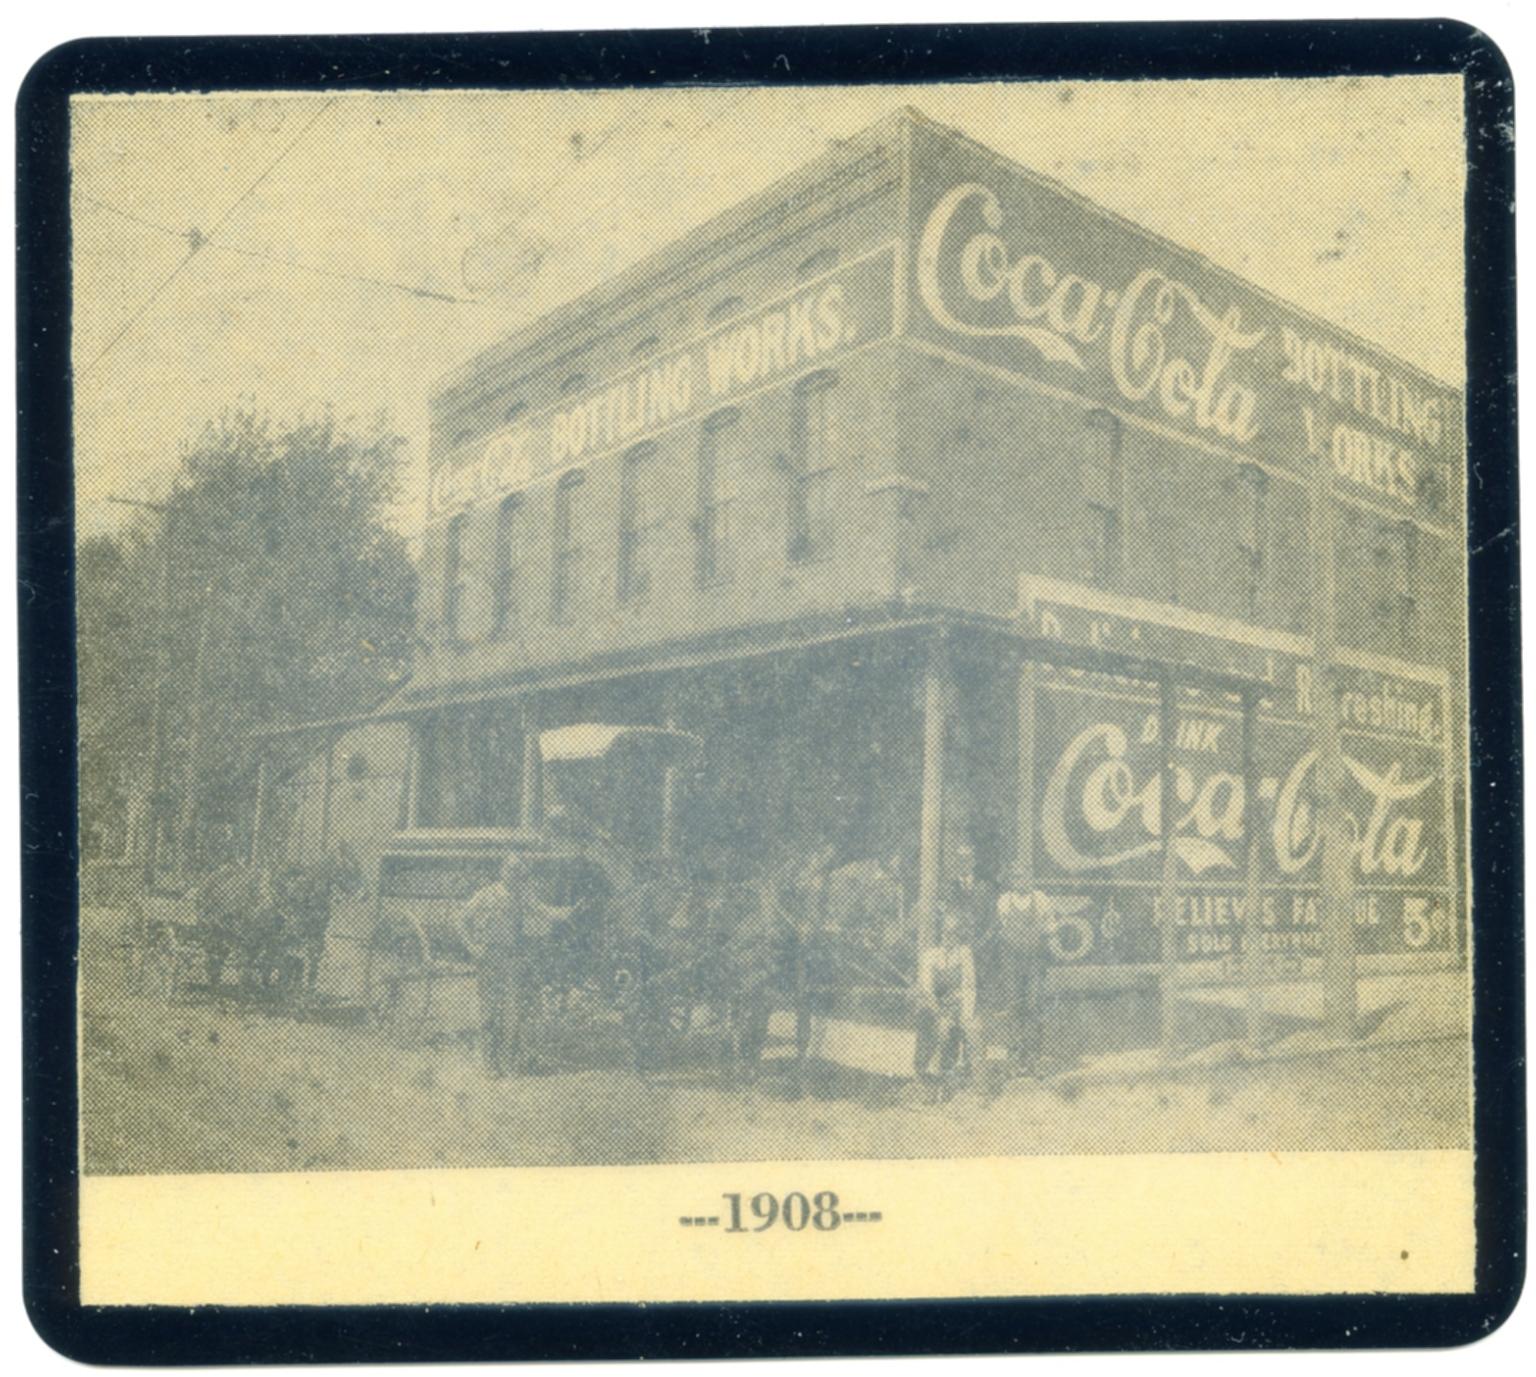 Coca-Cola Bottling Works